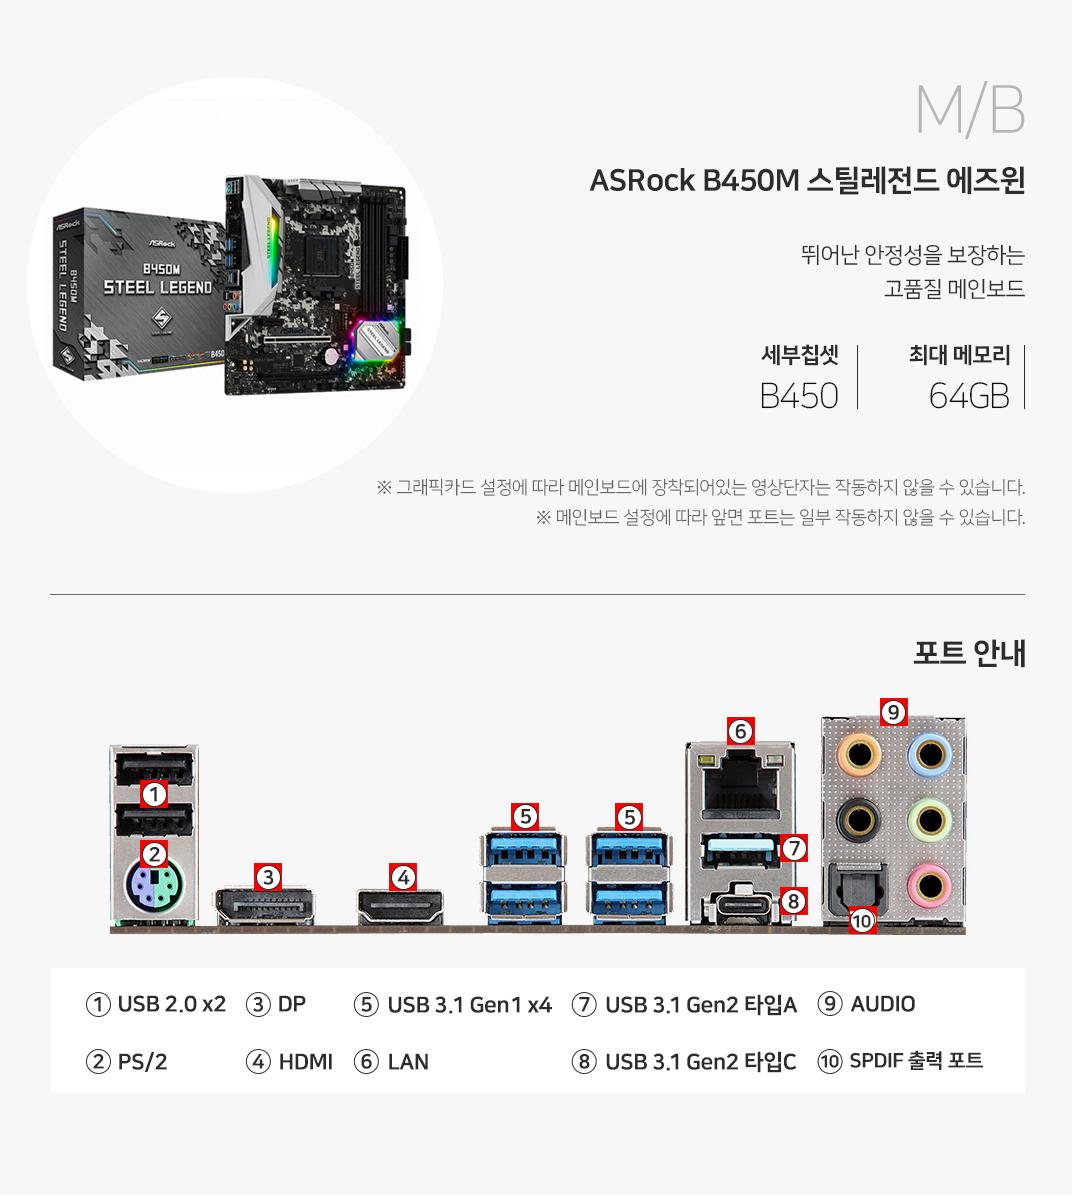 M/B ASRock B450M 스틸레전드 에즈윈 뛰어난 안정성을 보장하는 고품질 메인보드 세부칩셋 B450 최대메모리 64GB 그래픽 설정에 따라 메인보드에 장착되어 있는 영상단자는 작동하지 않을 수 있습니다. 메인보드 설정에 따라 앞면 포트는 일부 작동하지 않을 수 있습니다. 1 USB 2.0.x2 2 ps/2 3 DP 4 HDMI 5 USB3.1 Gen1X4 6 LAN 7 USB 3.1 Gen2  타입A 8 USB 3.1 Gen2 타입C 9 오디오 10 SPDIF 출력 포트